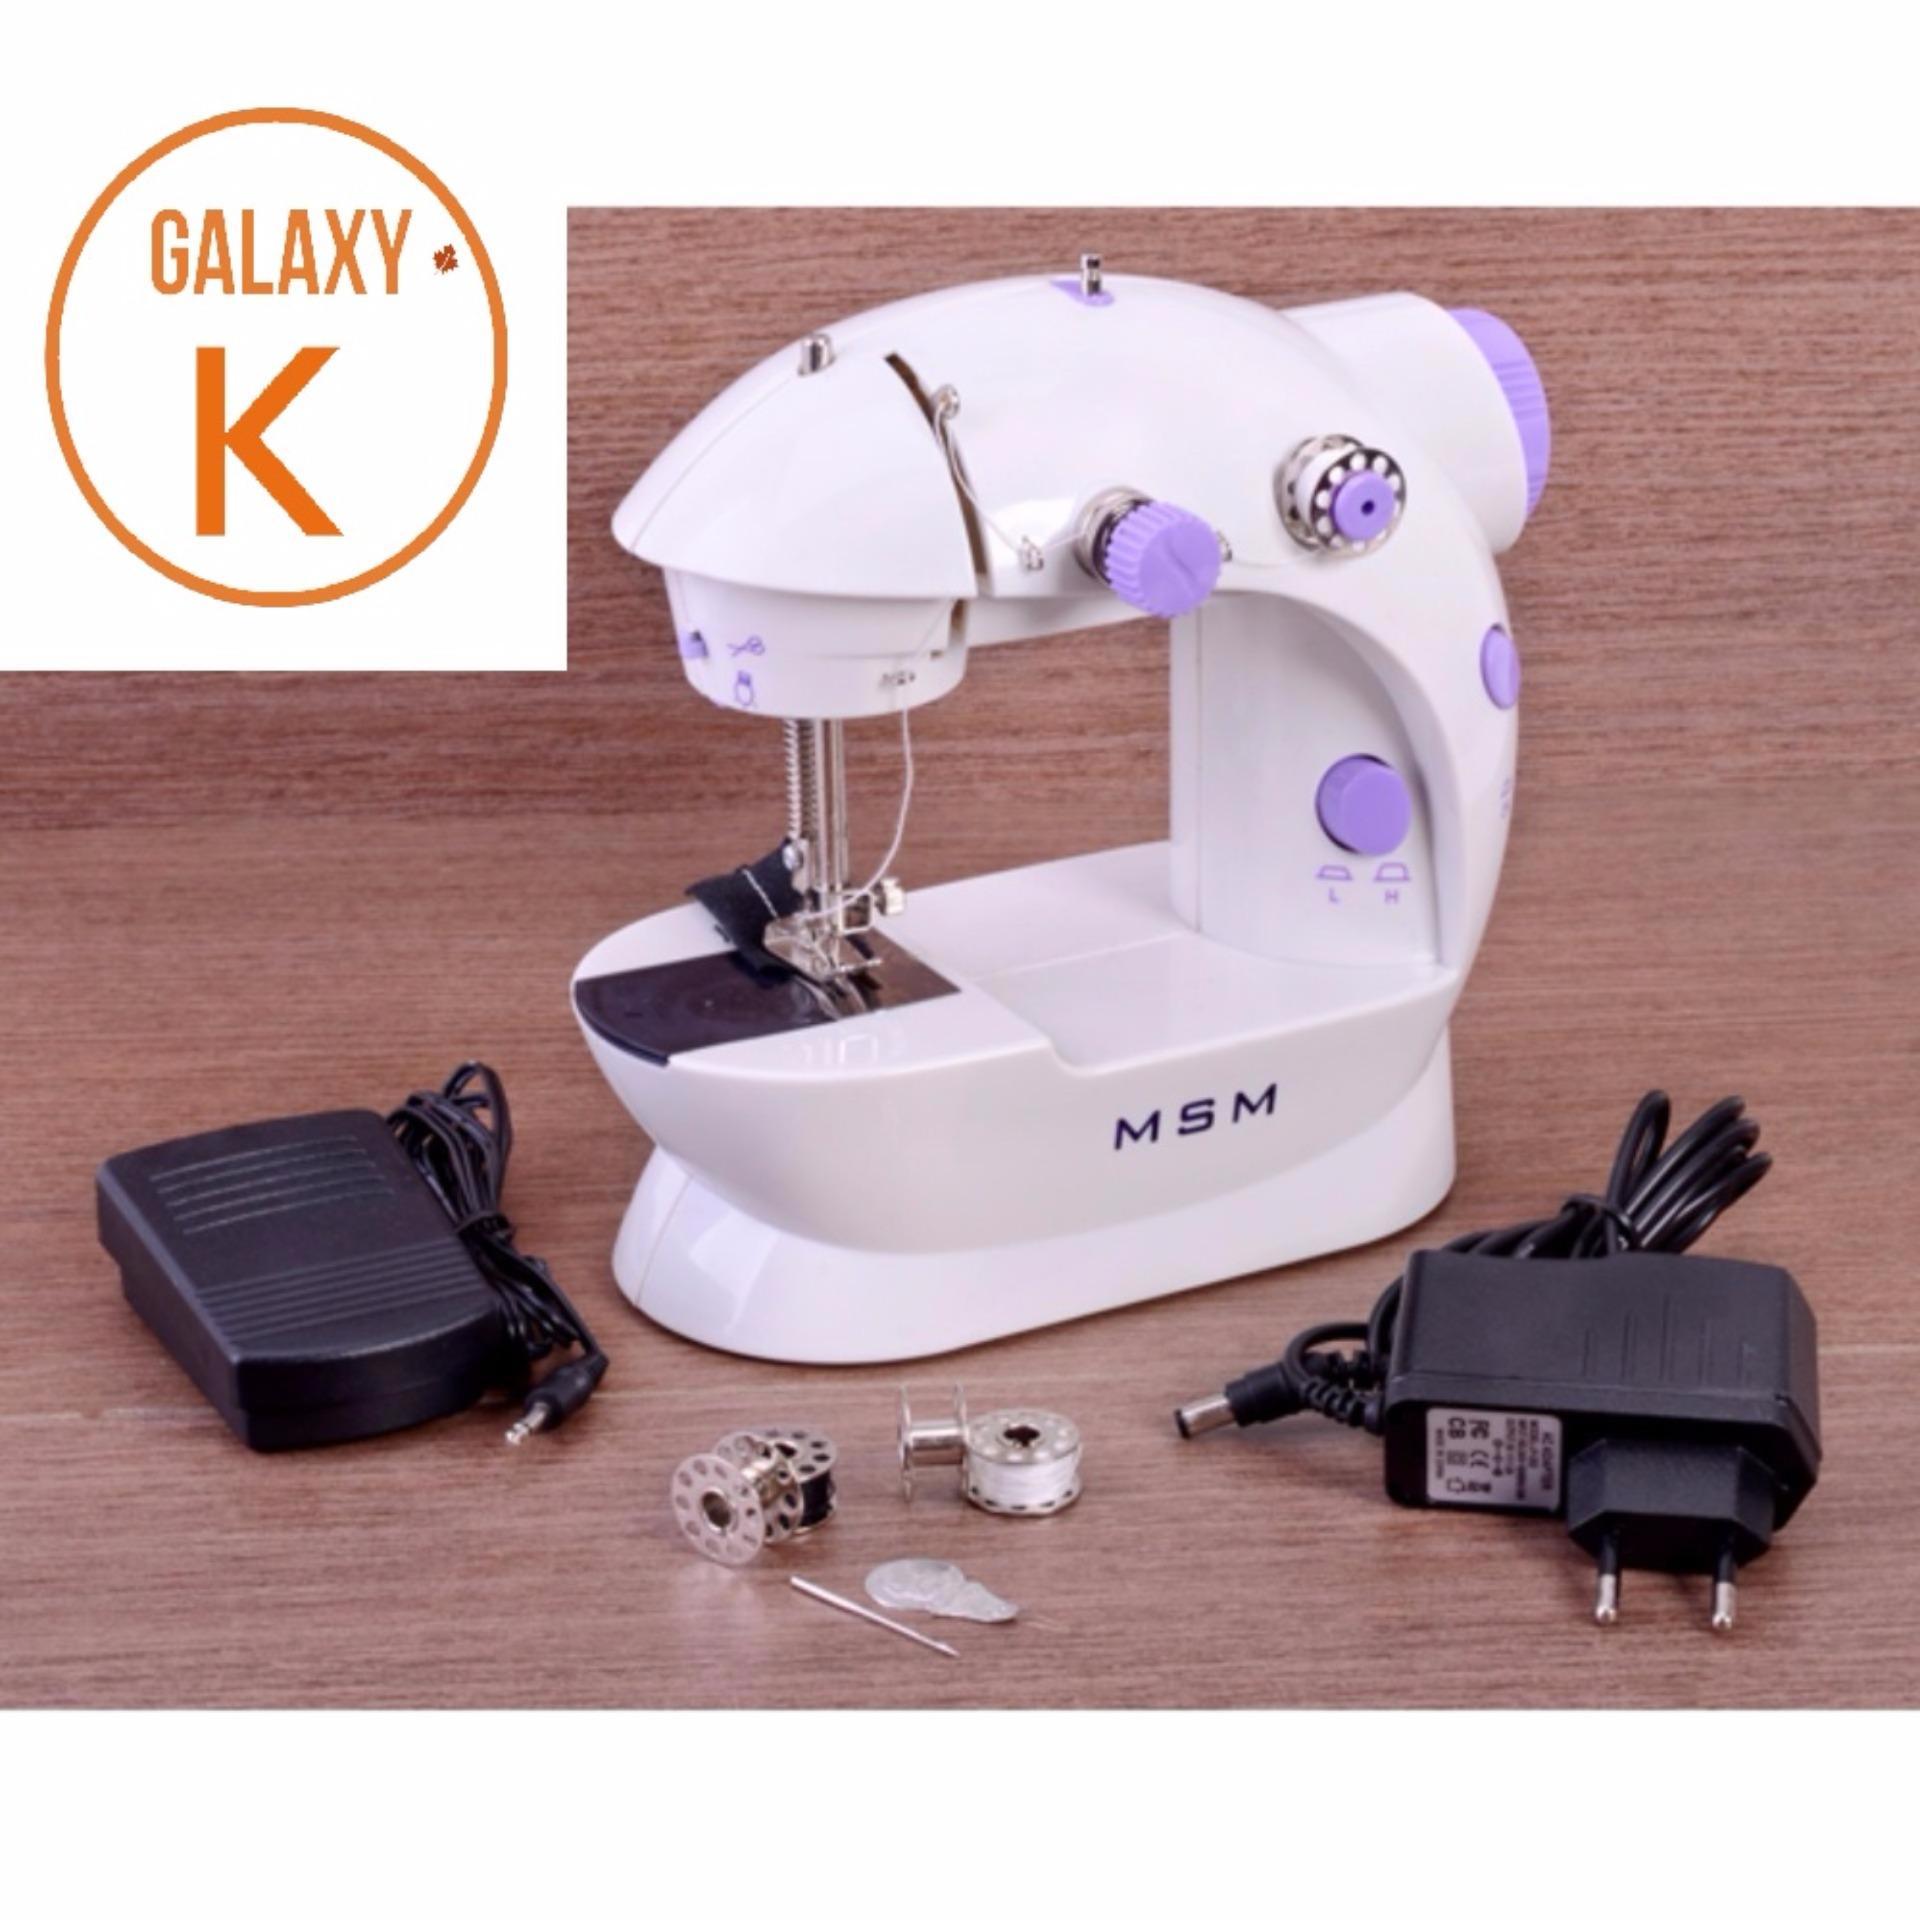 máy khâu mini mantigoo – máy may mini cmd – máy may mini GalaxyK cao cấp khuyến mại 50% duy nhất ngày hôm nay